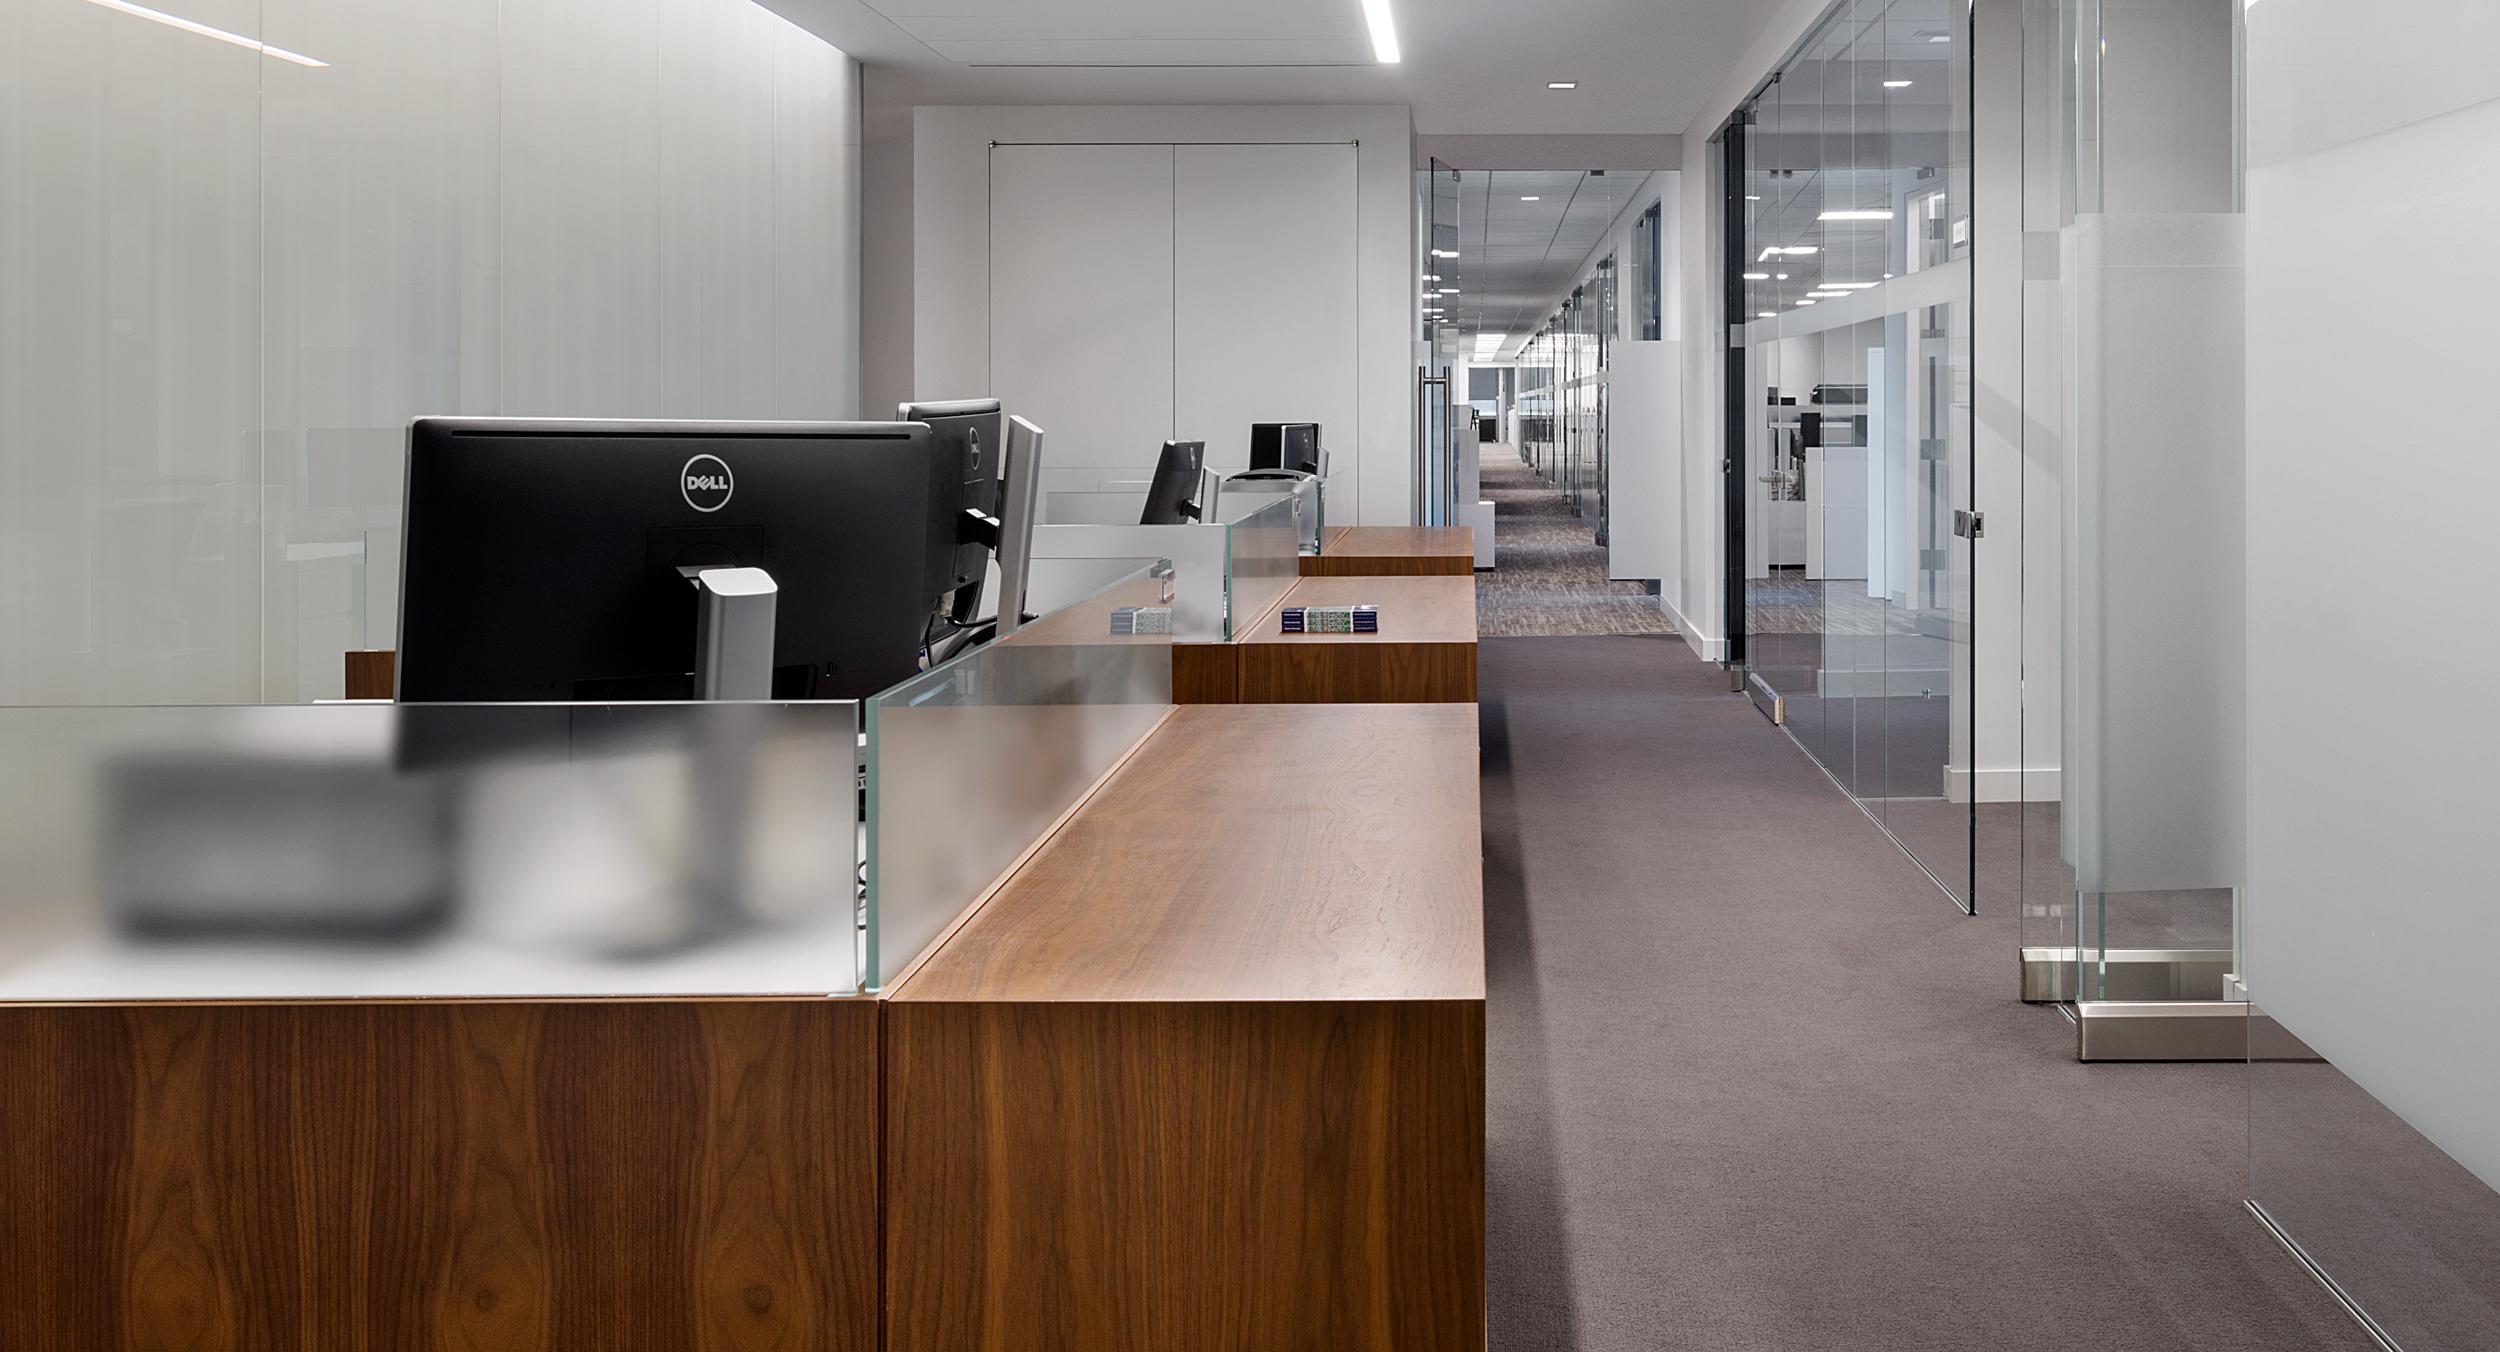 New Publix Stores Under Construction